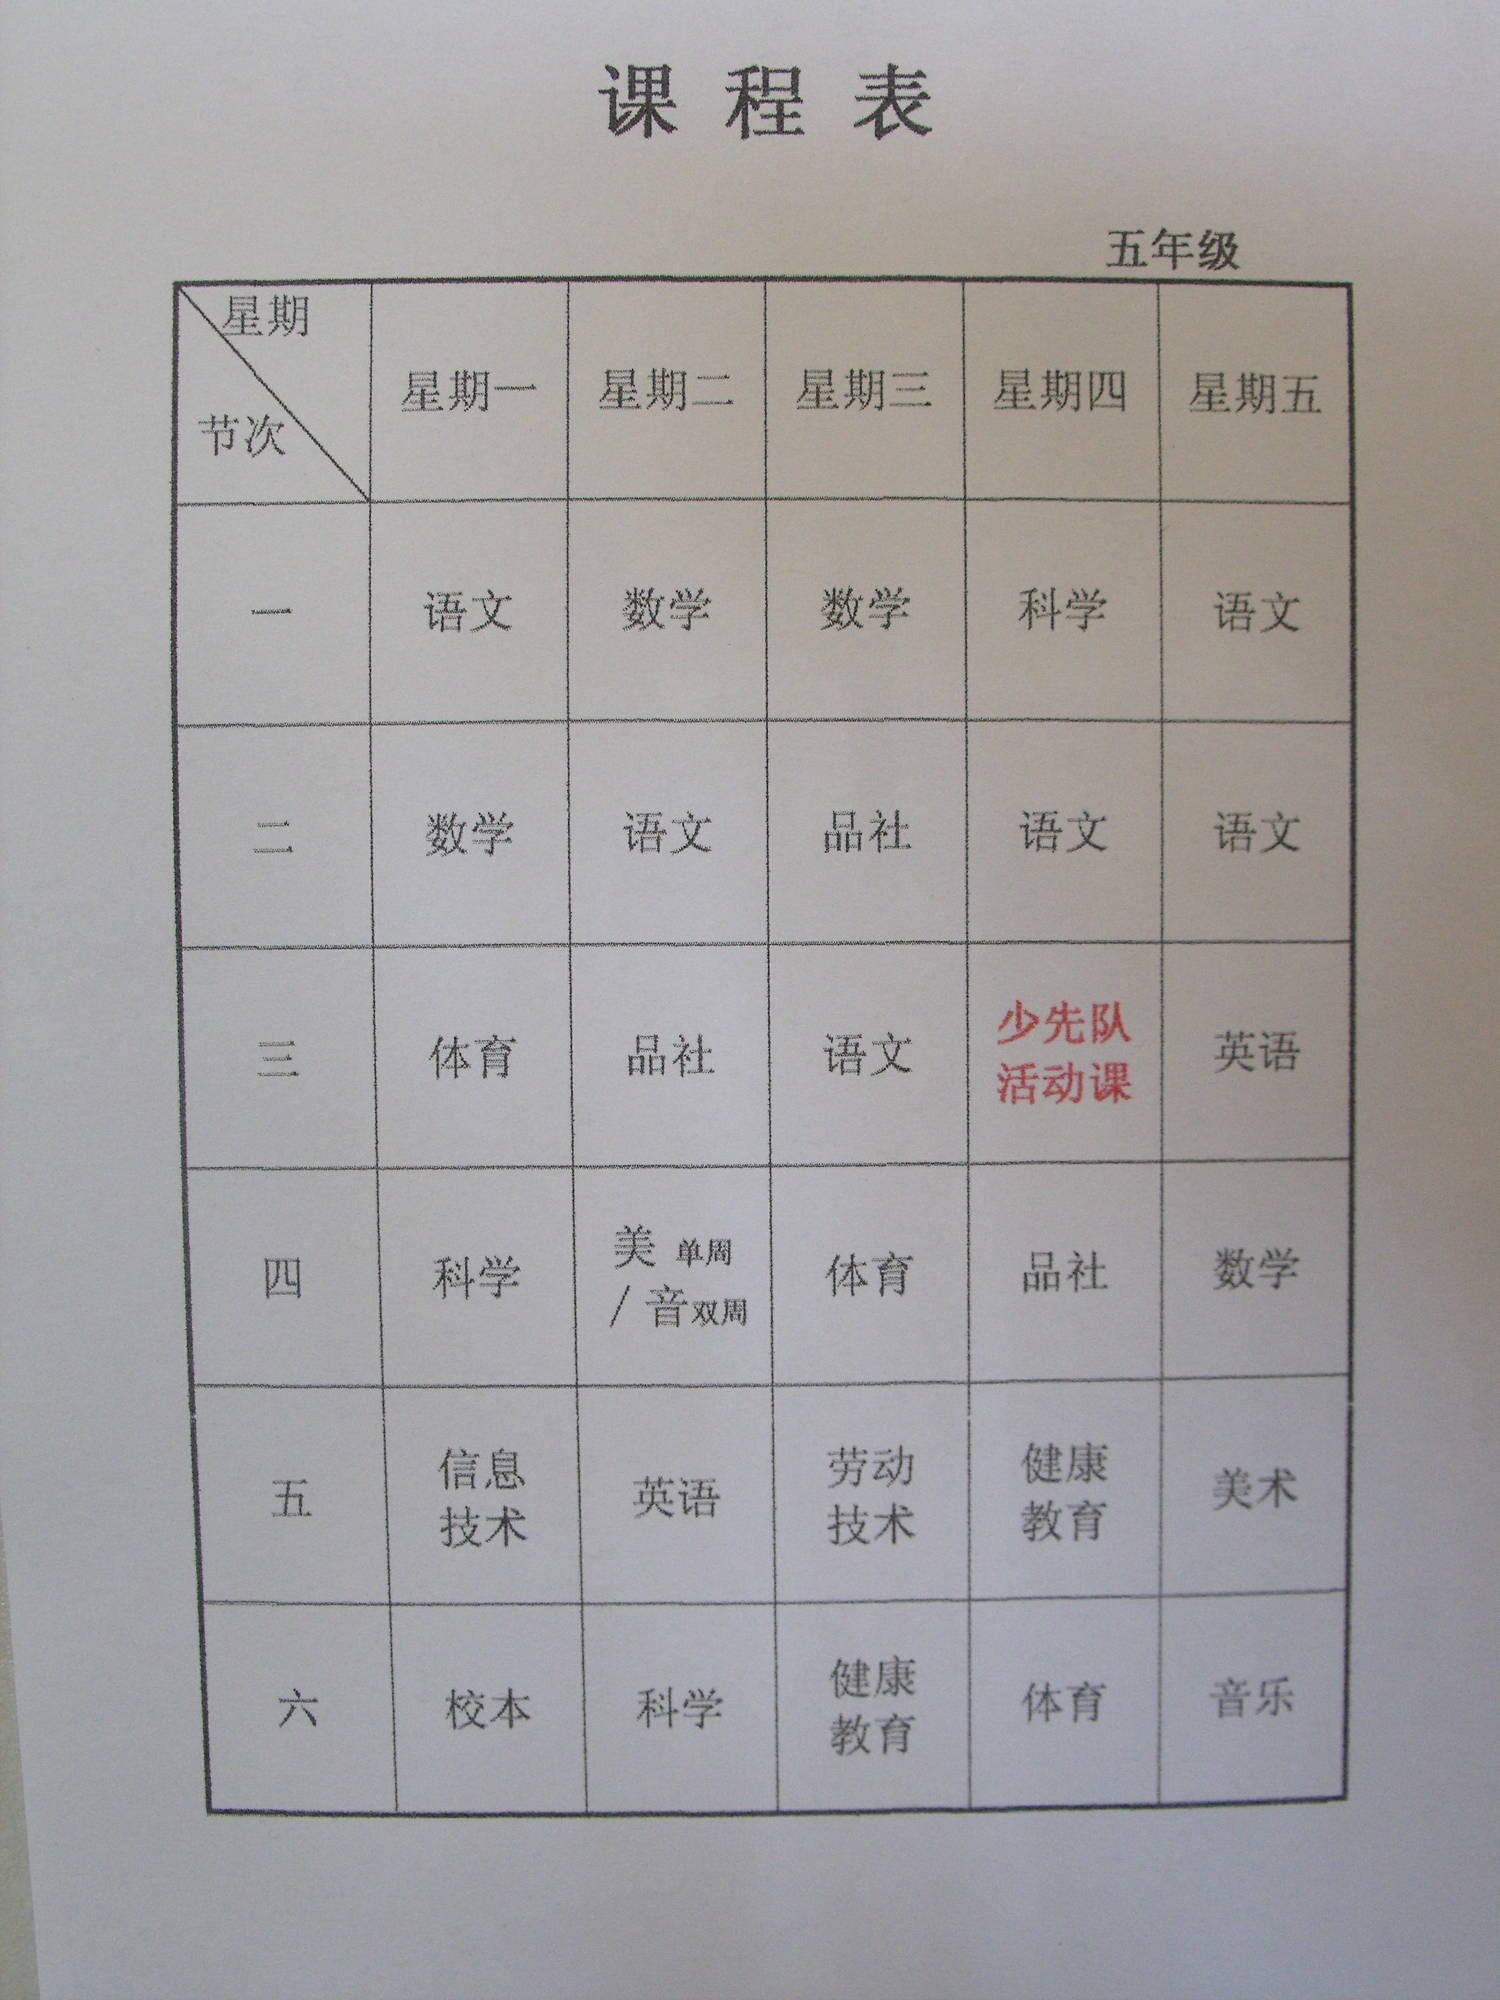 课程表 图片